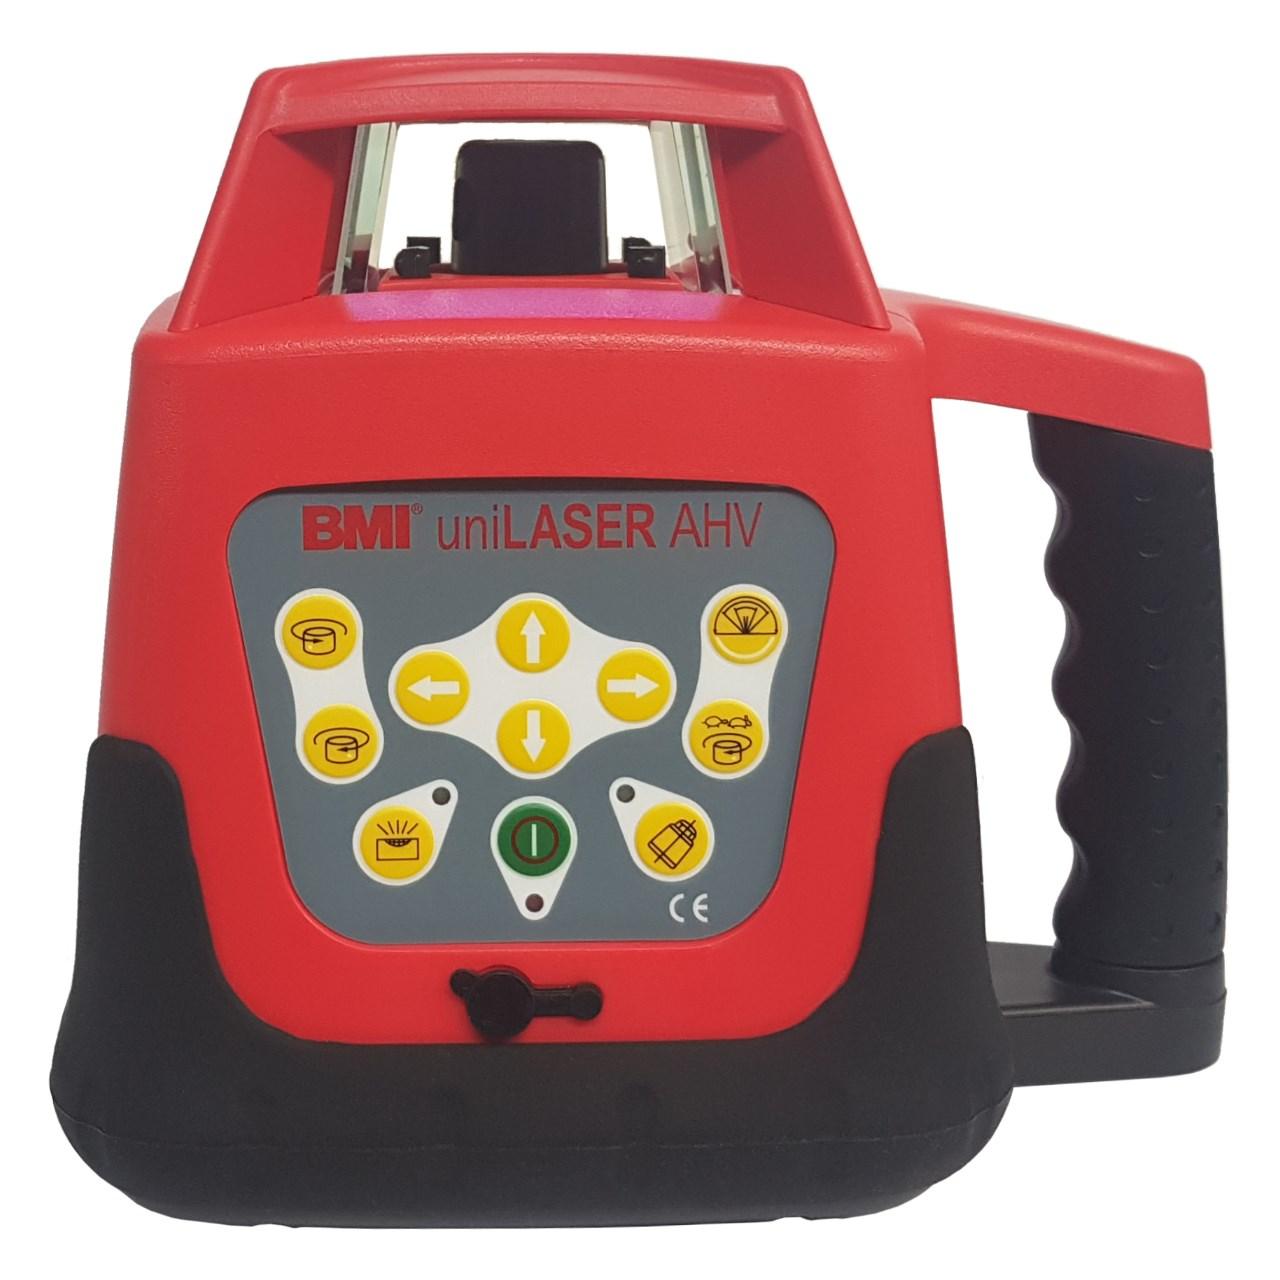 قیمت تراز لیزری بی ام آی مدل uniLASER AHV